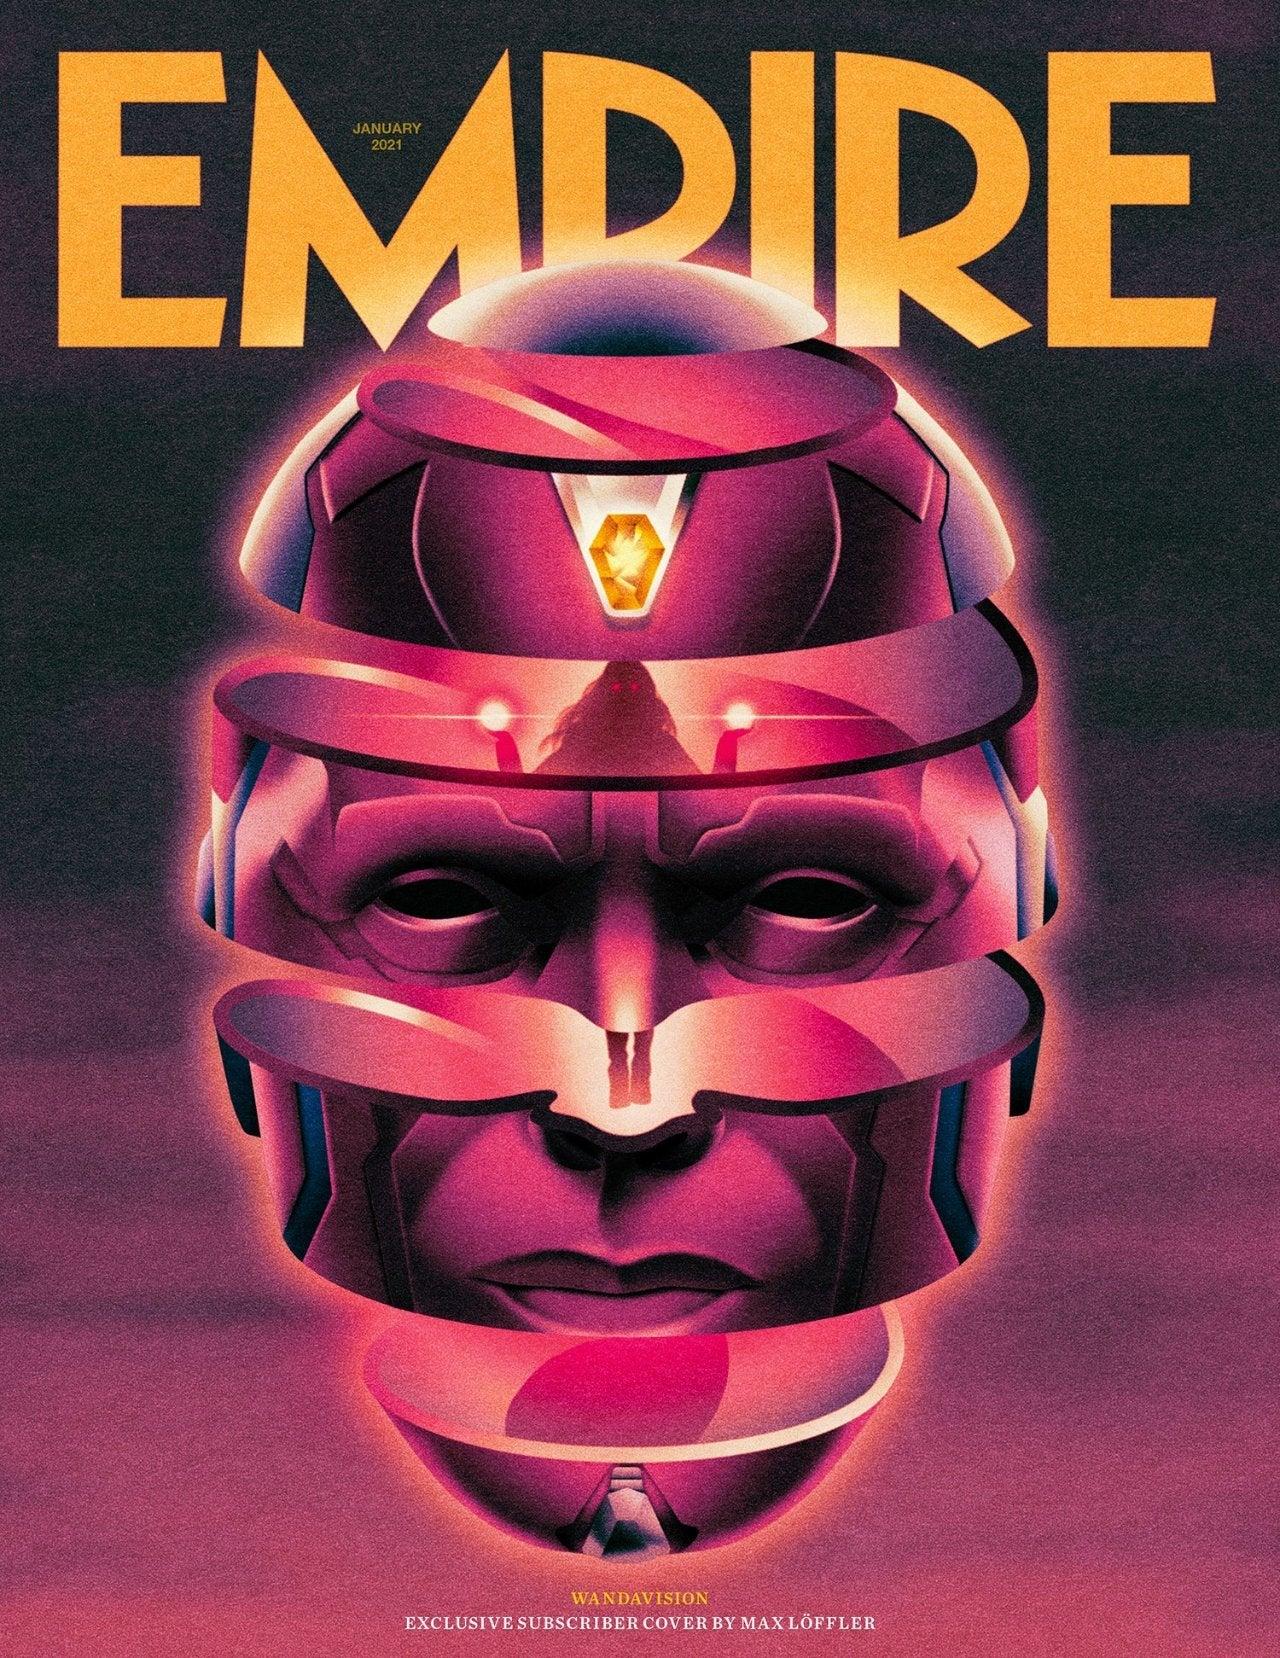 wandavision empire cover 2